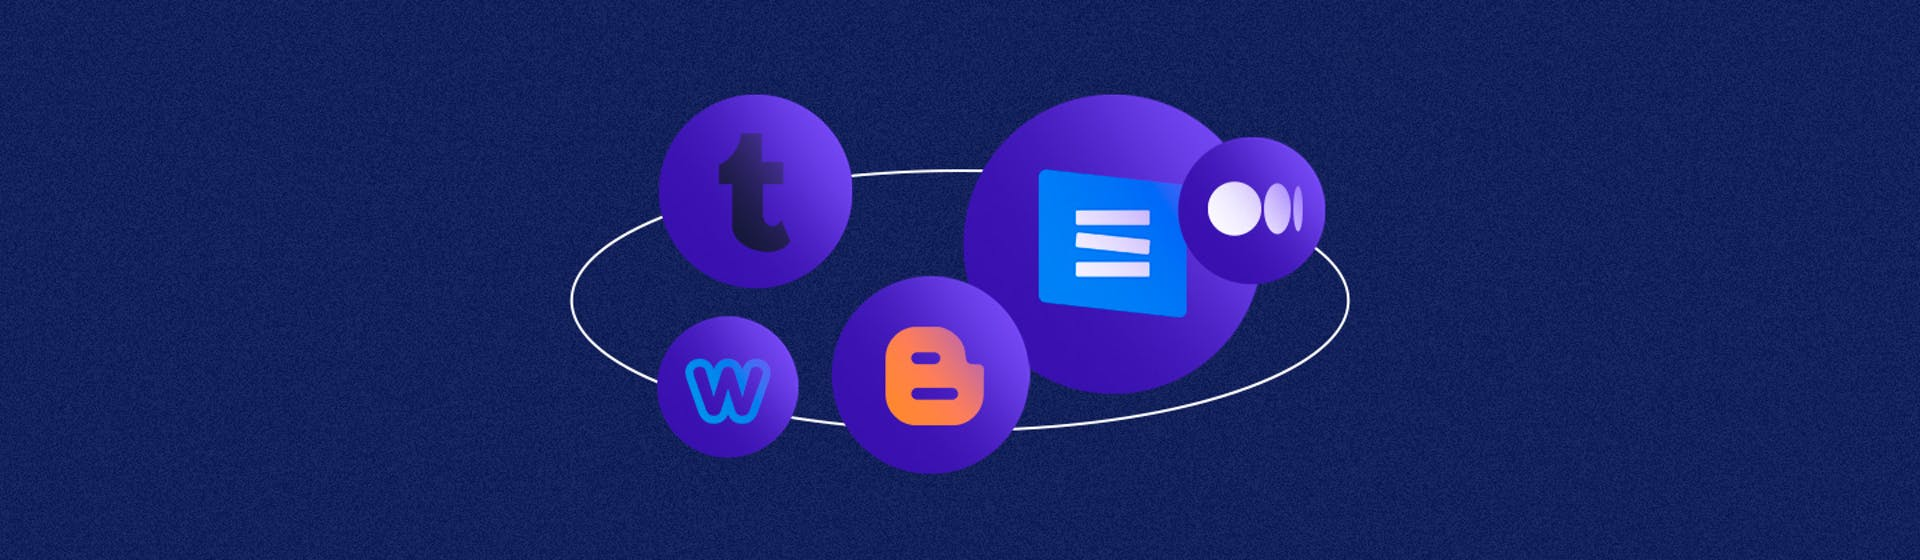 ¿Estás buscando la mejor plataforma para crear un blog? Amarás estas 5 alternativas